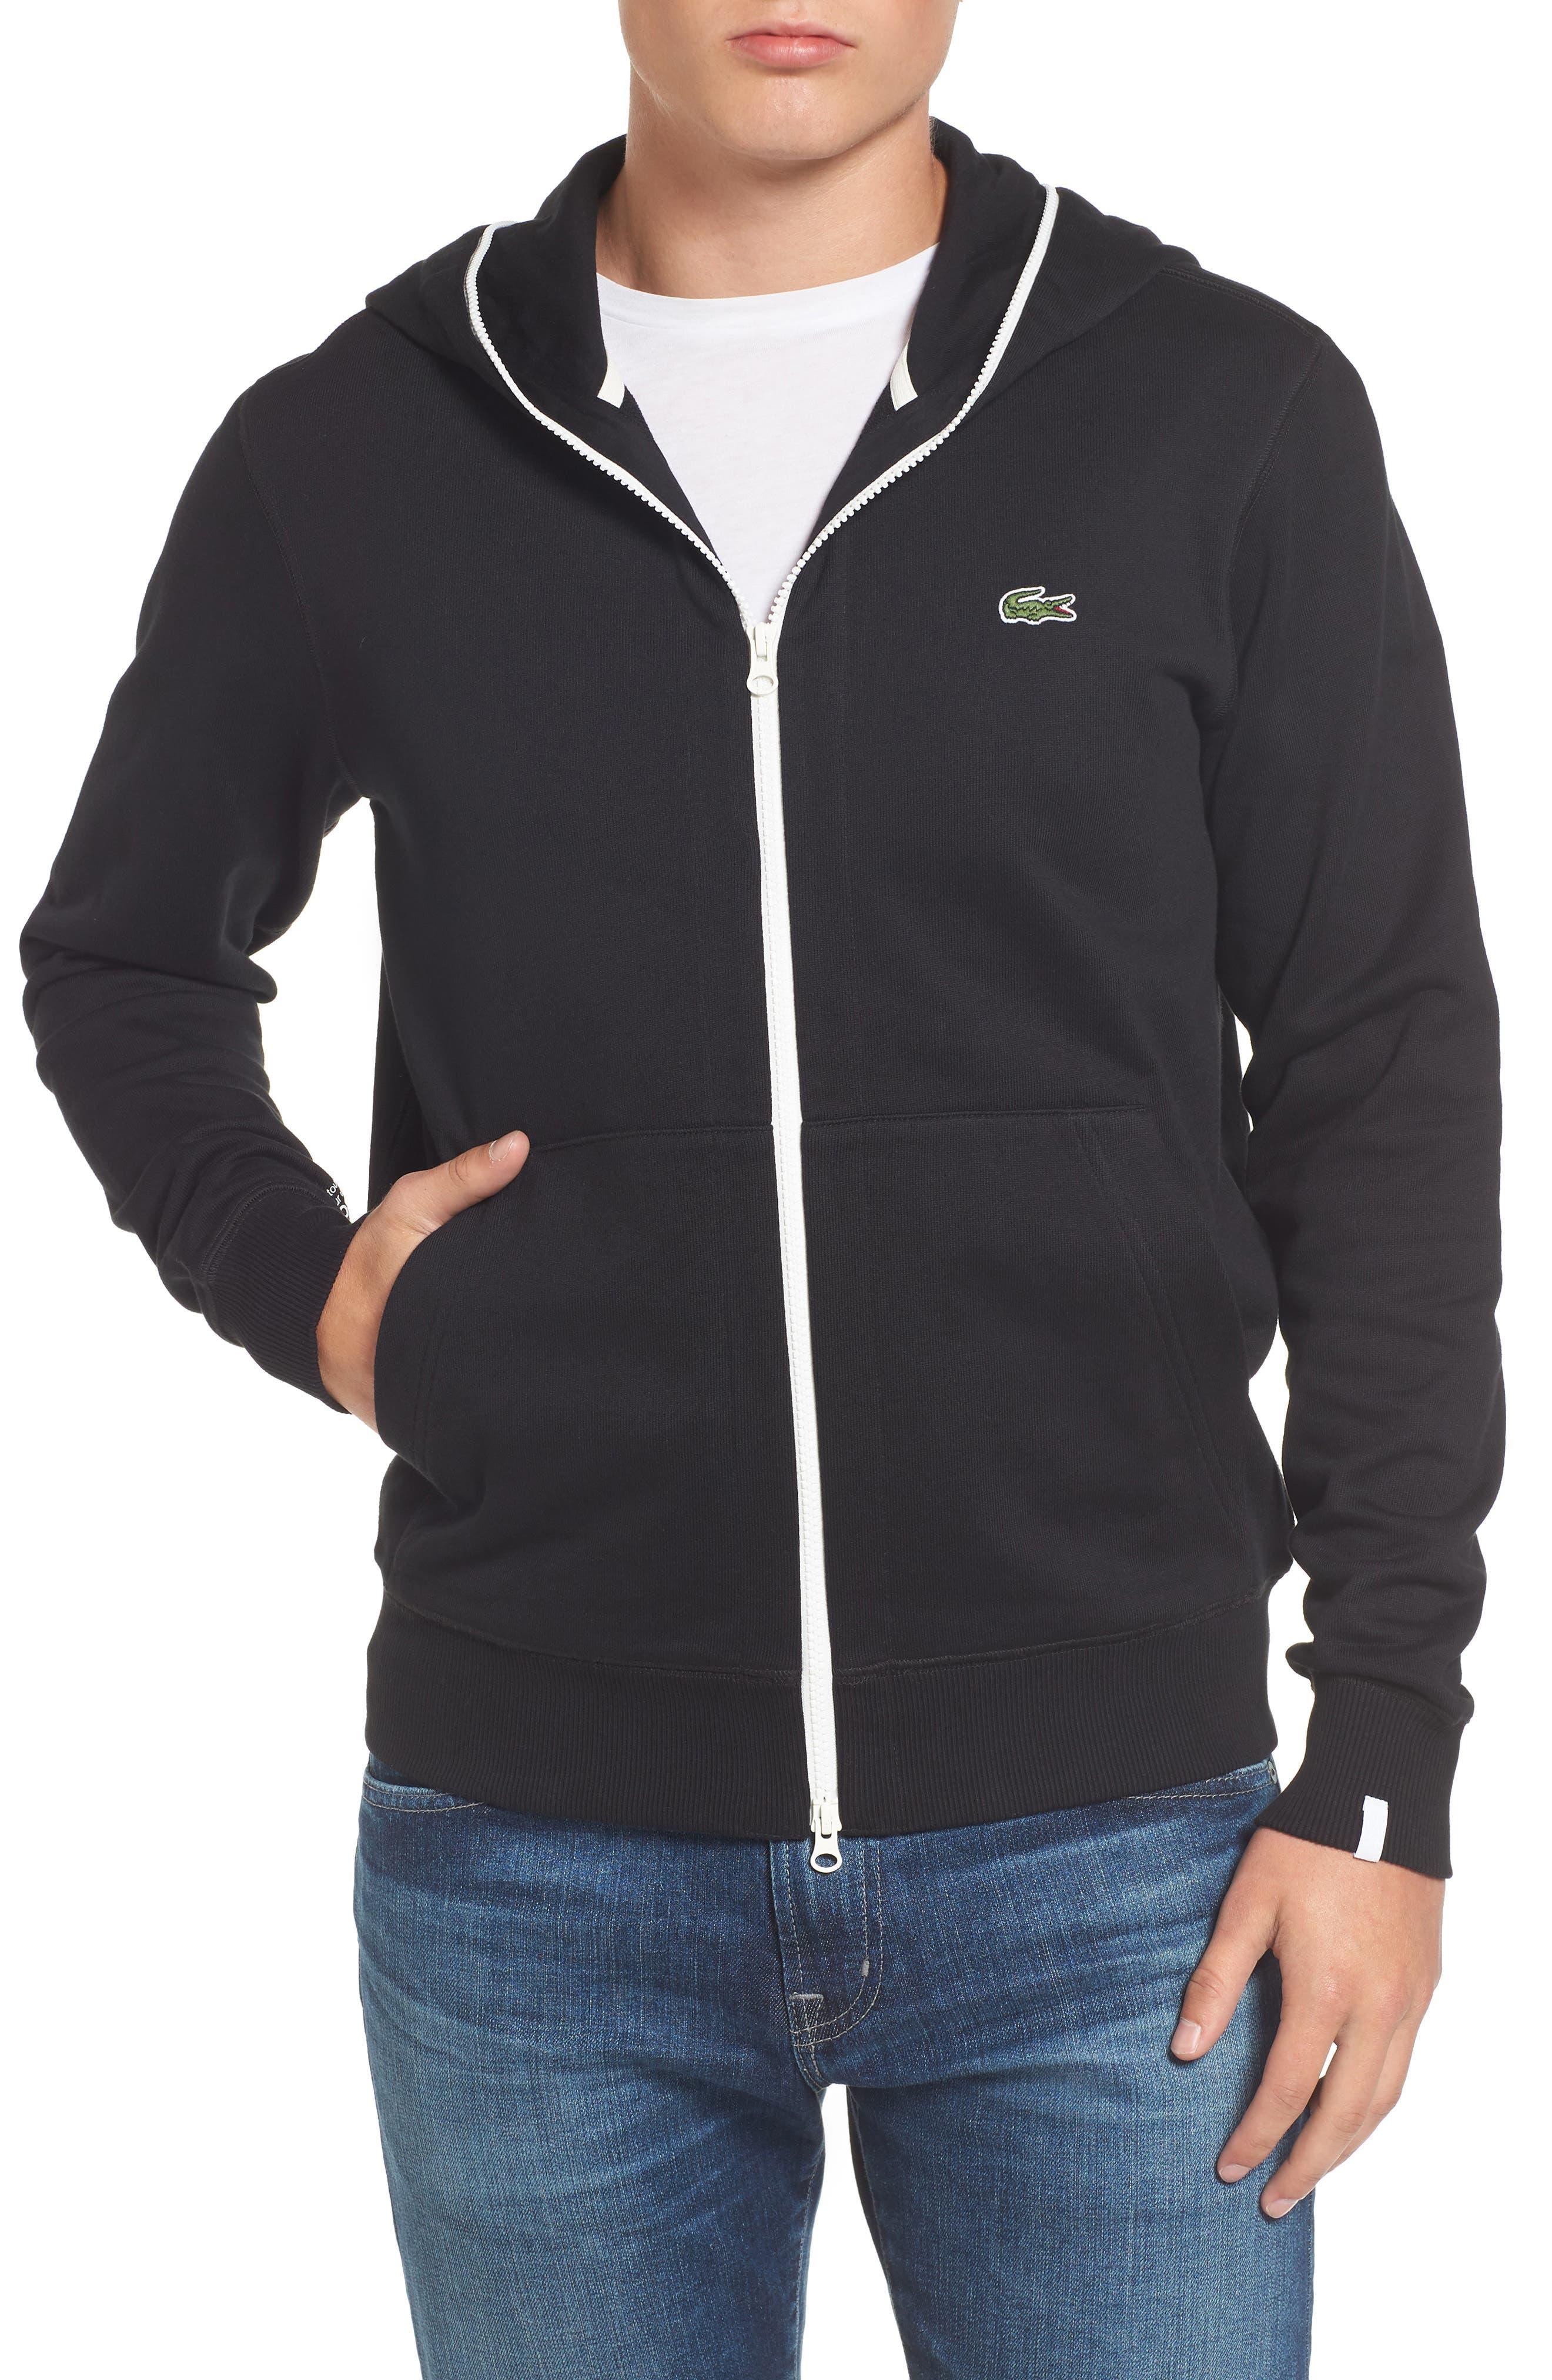 Lacoste Fleece Zip Sweatshirt